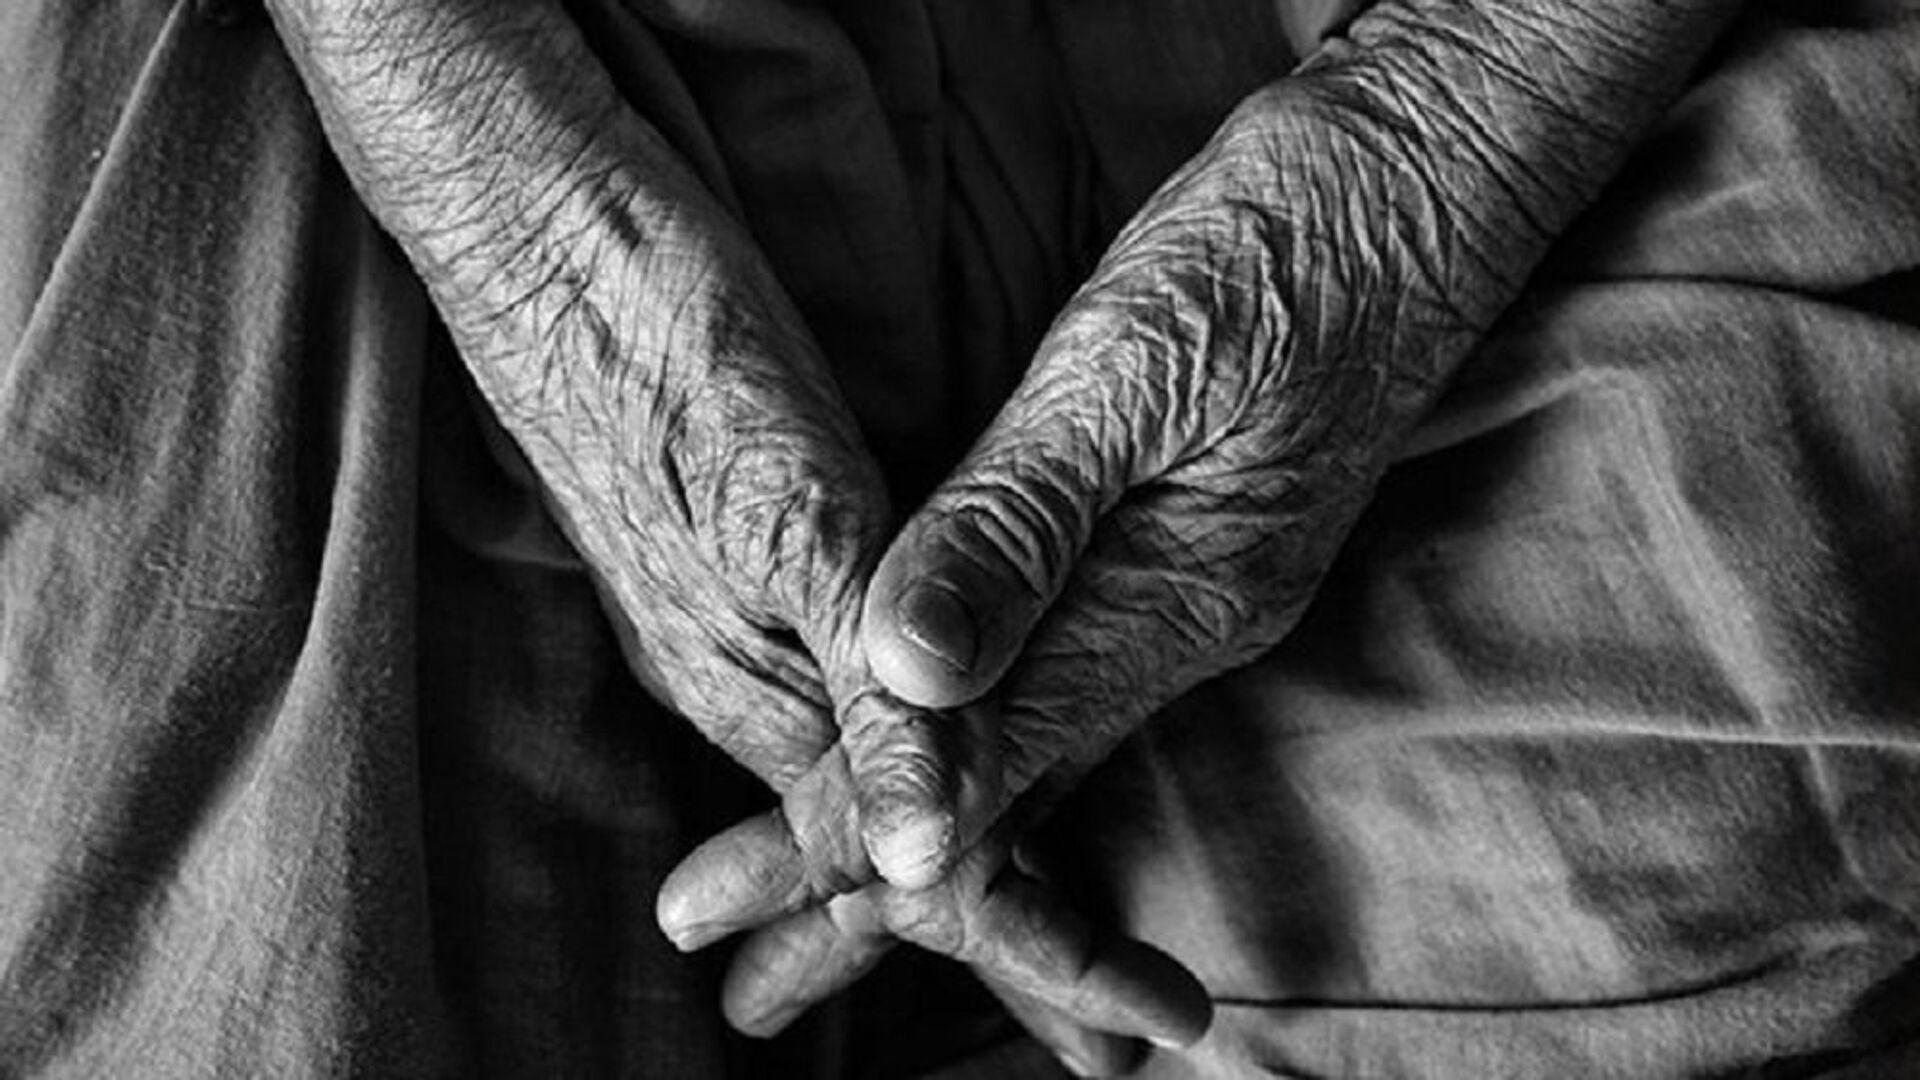 Près de la moitié des personnes âgées dans le monde sans pension de retraite (OIT) - Sputnik France, 1920, 24.09.2021